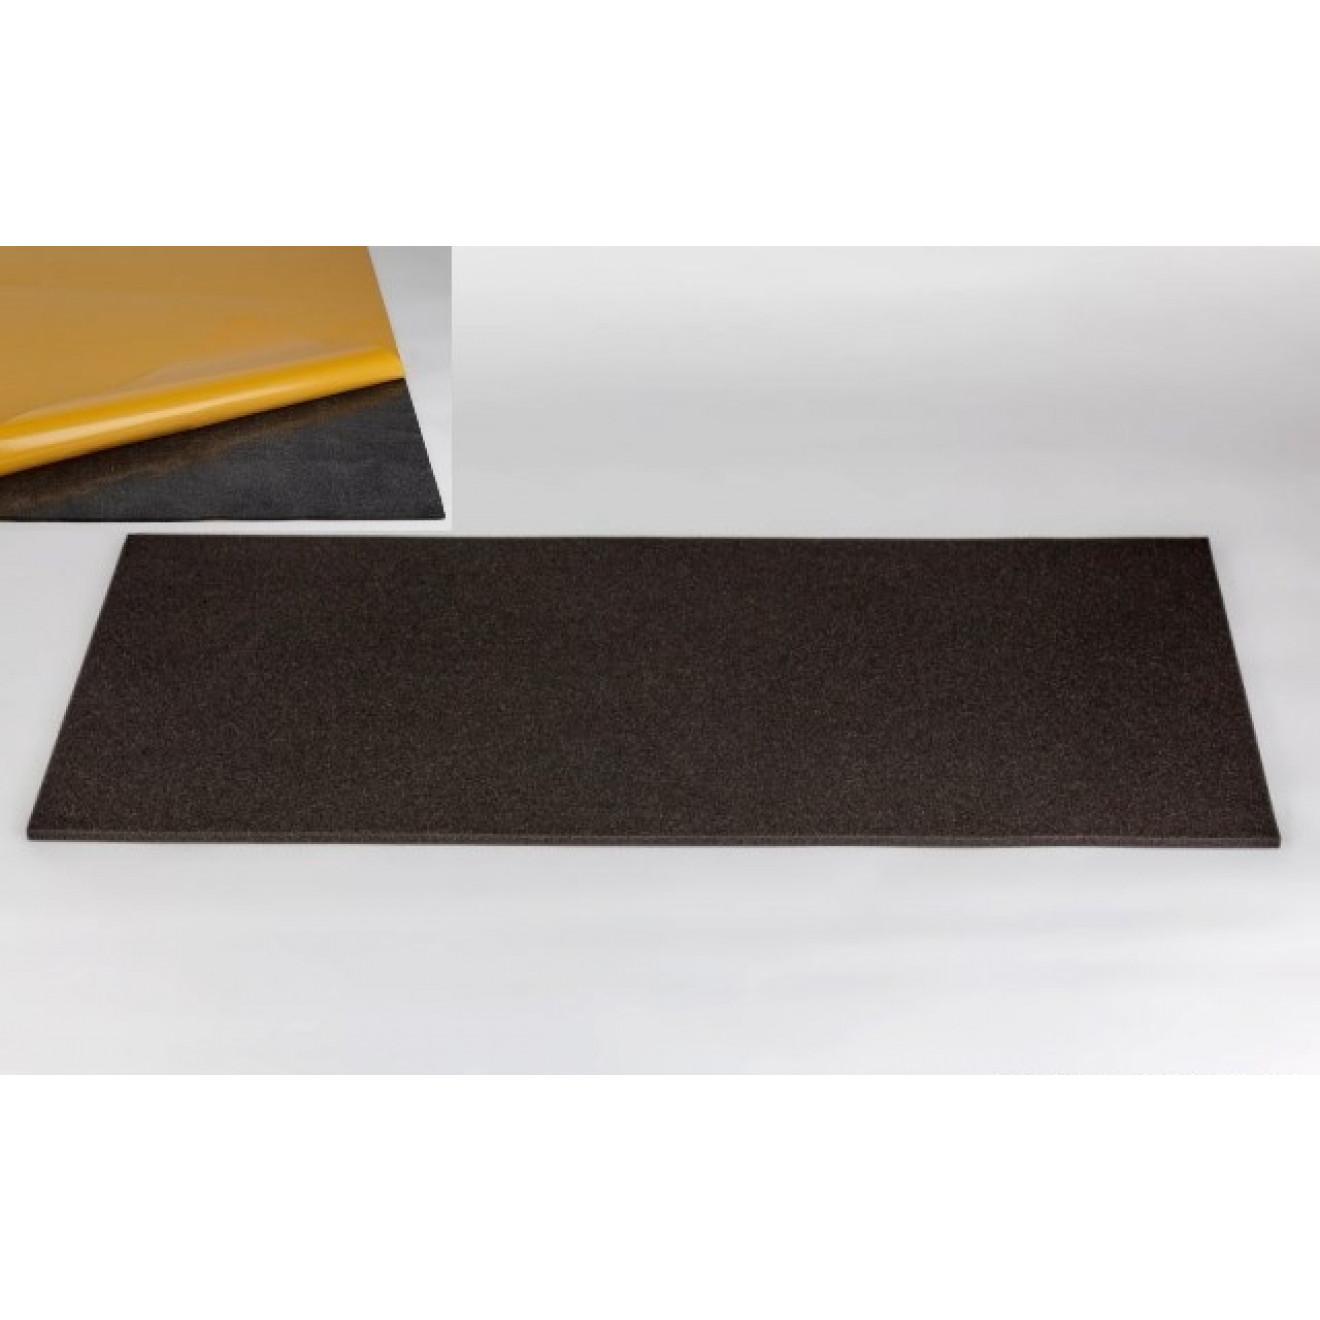 schaumstoff plan akustik 100 x 50 x 1cm anthrazit klebend. Black Bedroom Furniture Sets. Home Design Ideas